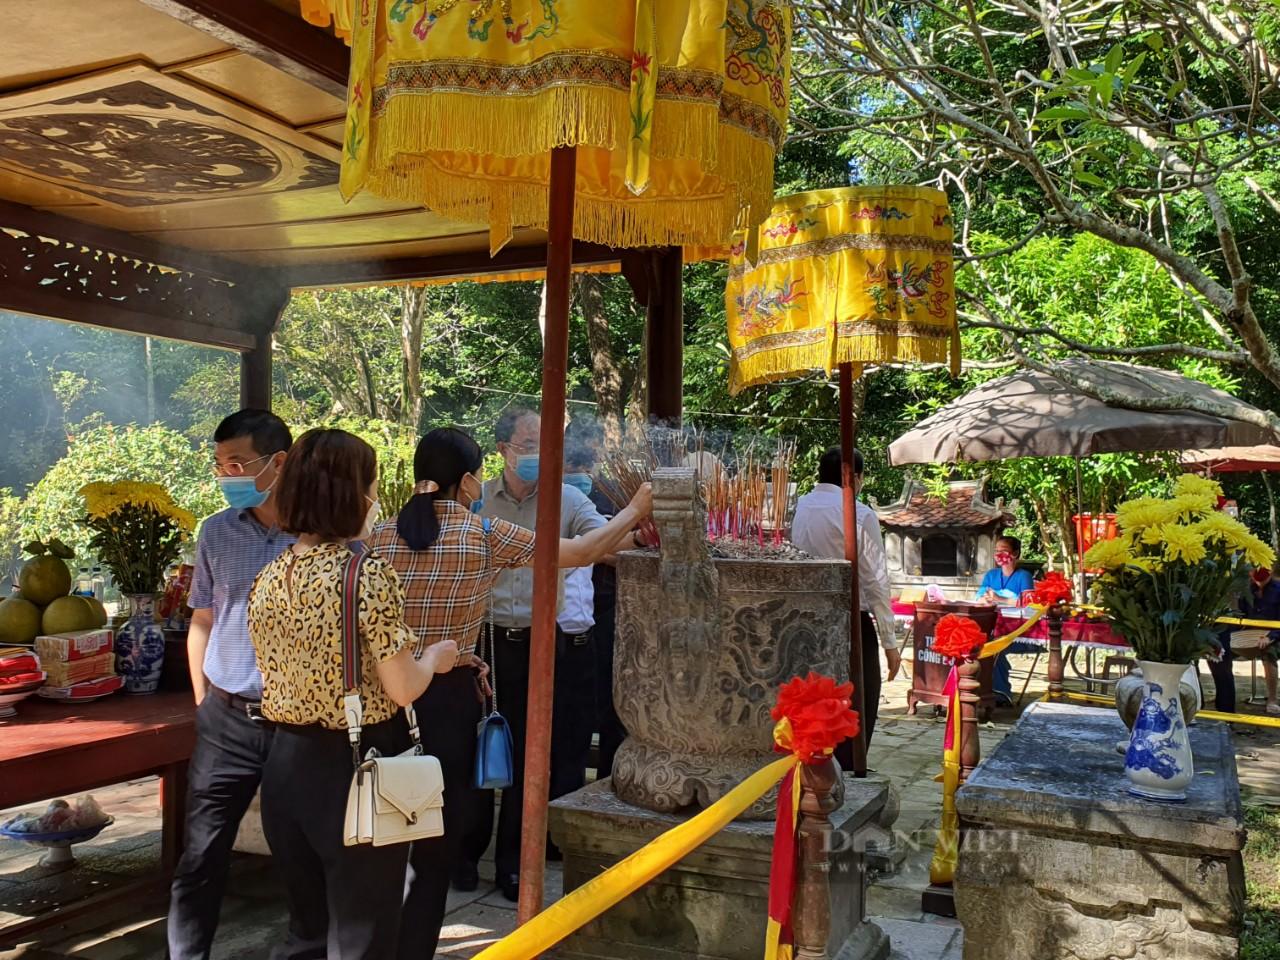 Lễ hội Lam Kinh 2021 không tổ chức phần hội, bảo đảm an toàn phòng chống dịch Covid-19 - Ảnh 3.